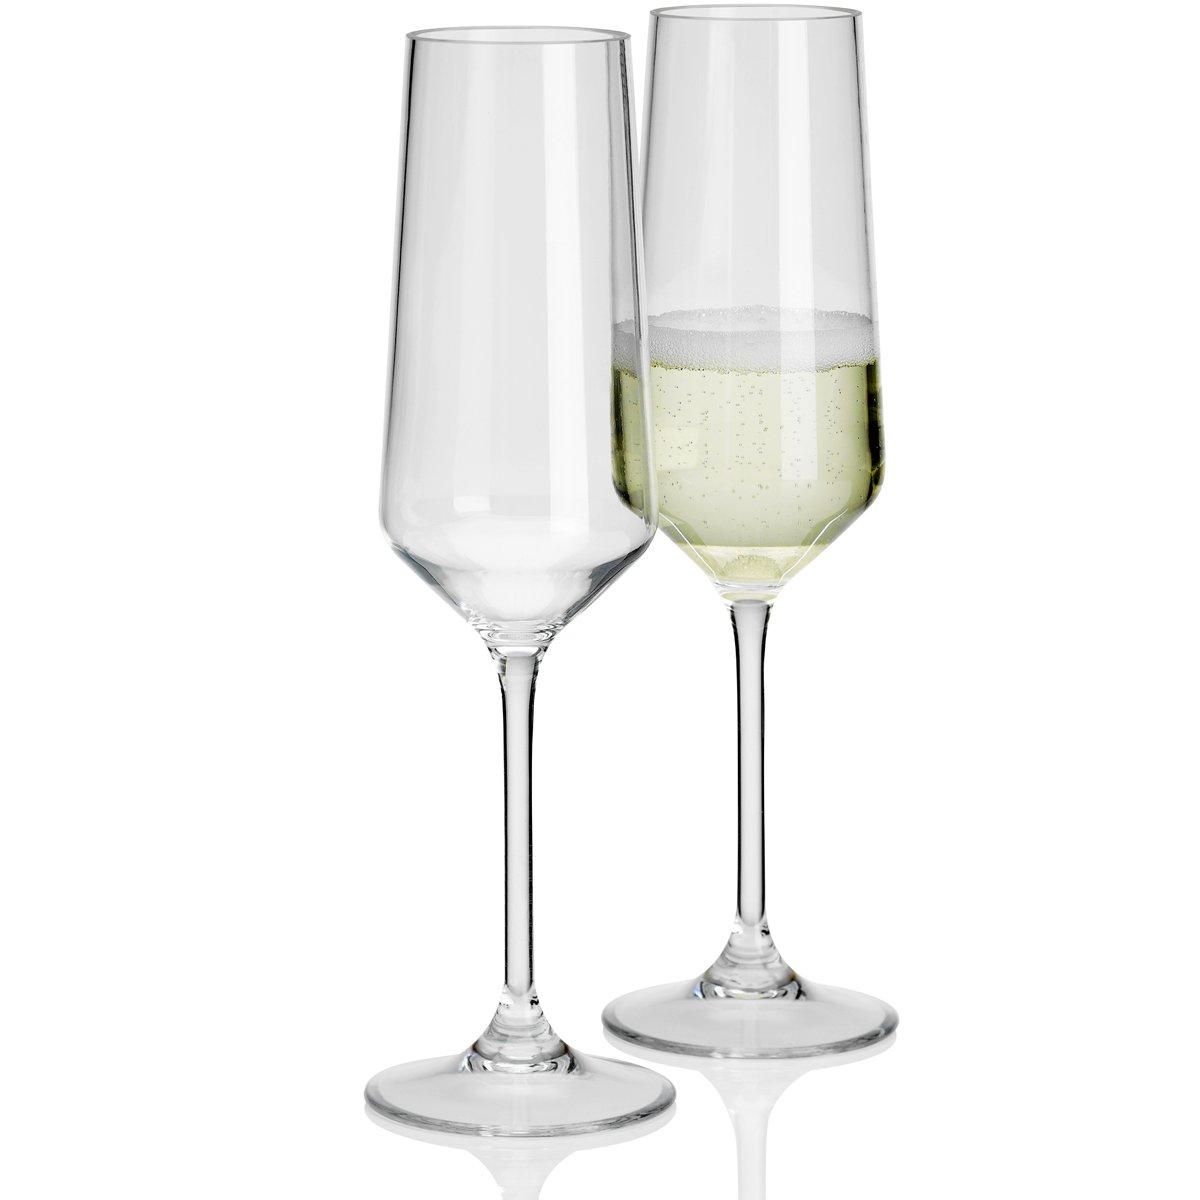 2X Camping Polycarbonat 290ml Gläser Trink Glas Kunststoff Wasserglas bruchfest